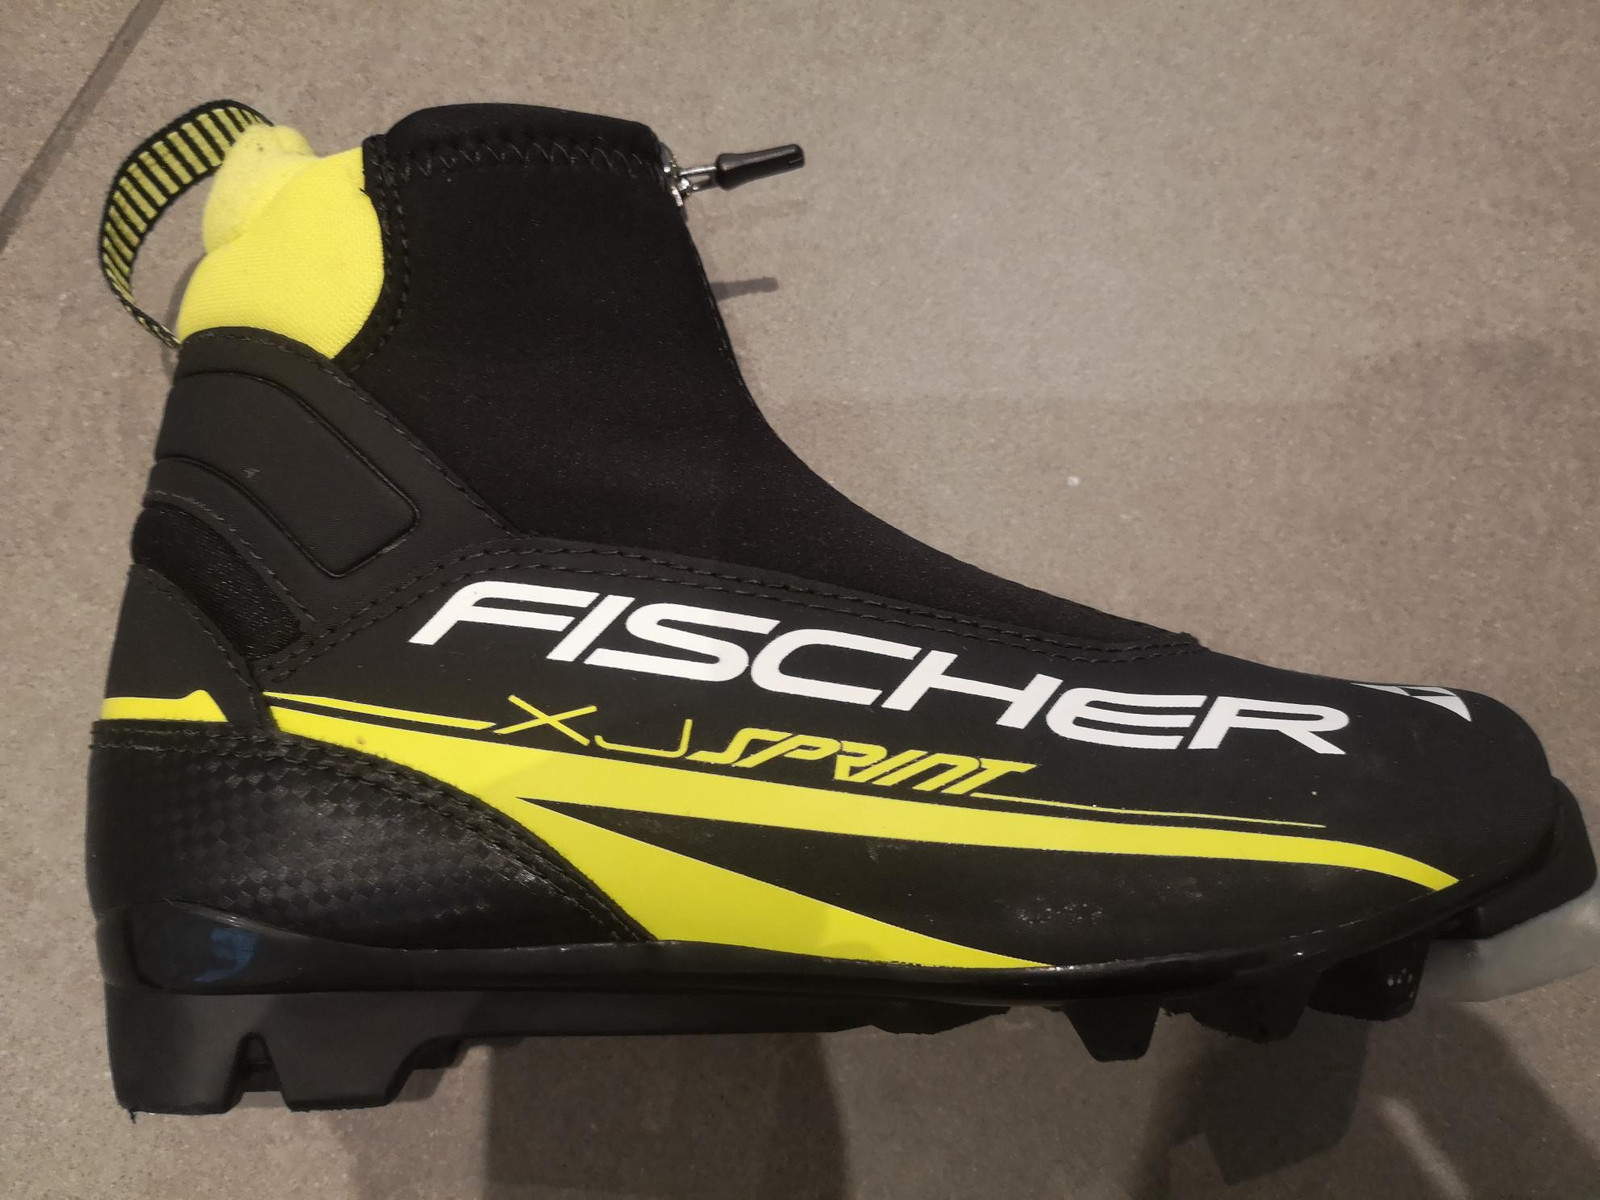 Fischer XJ Sprint skisko str 37 | FINN.no